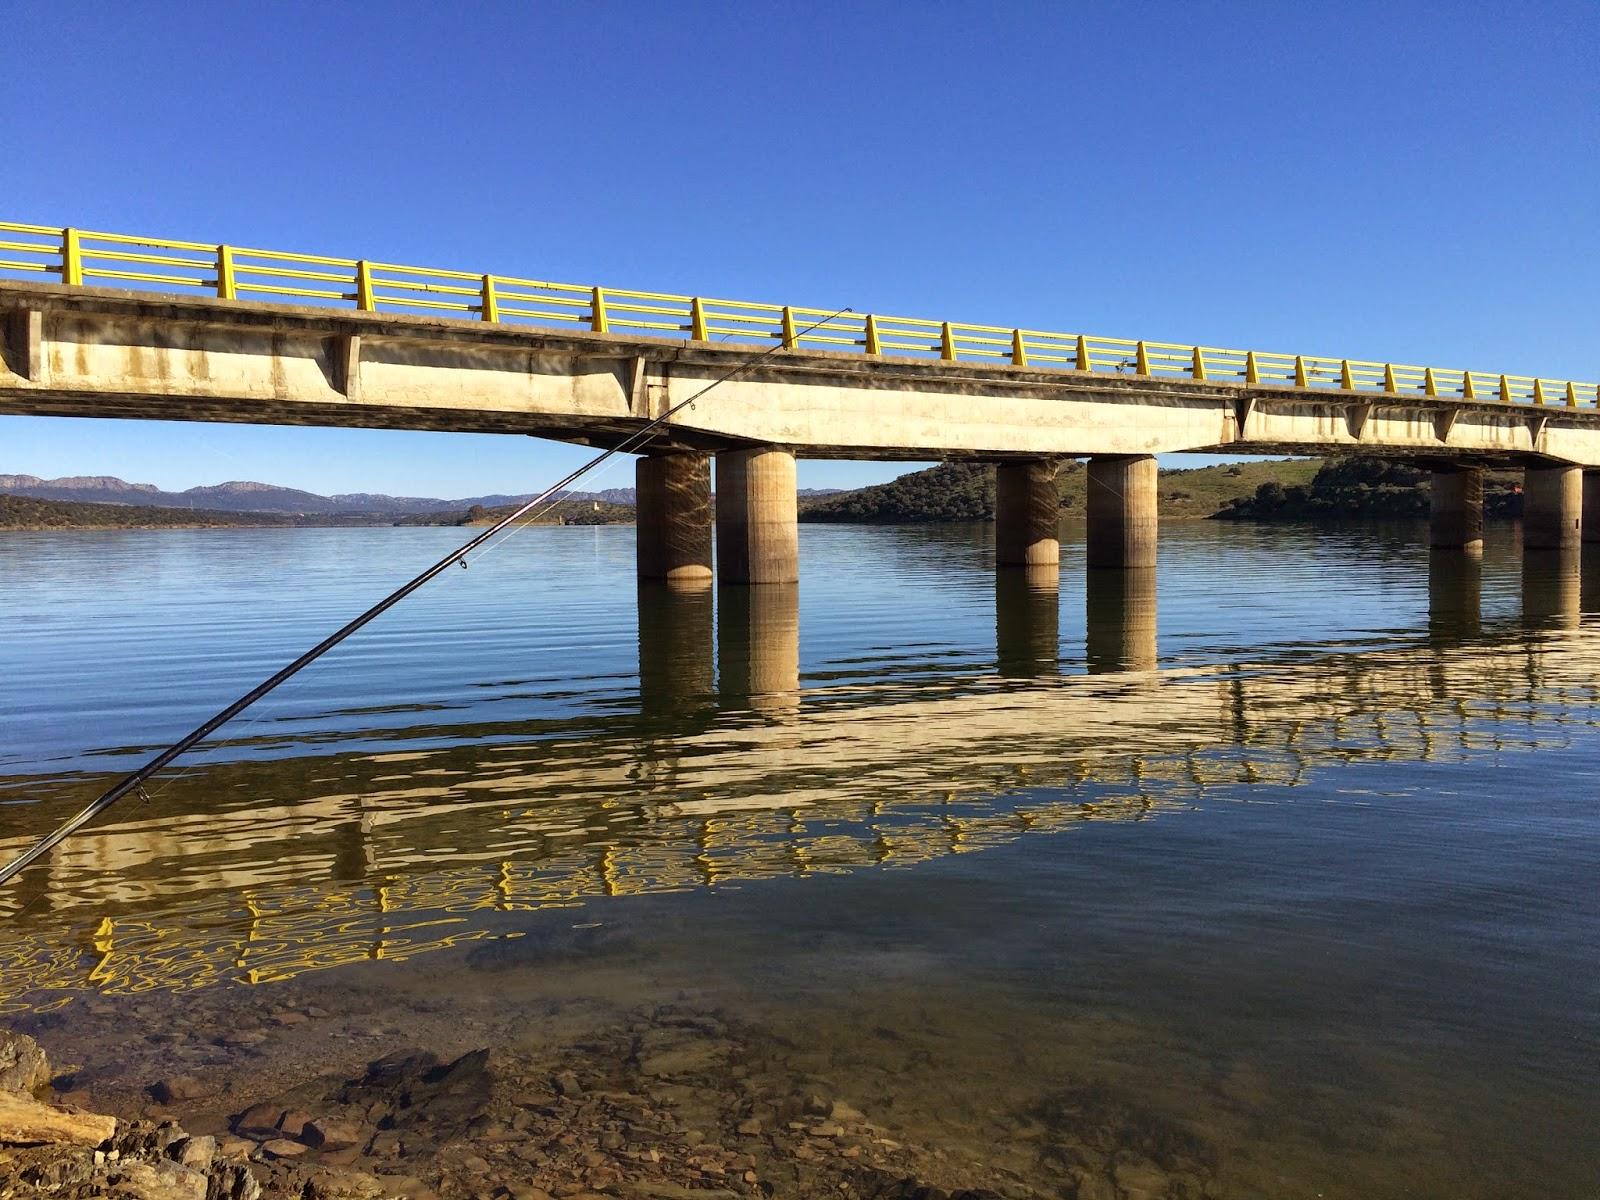 Los dos mosqueteros puente cogolludo y casas de don pedro 15 01 2015 - Casas de don pedro badajoz ...